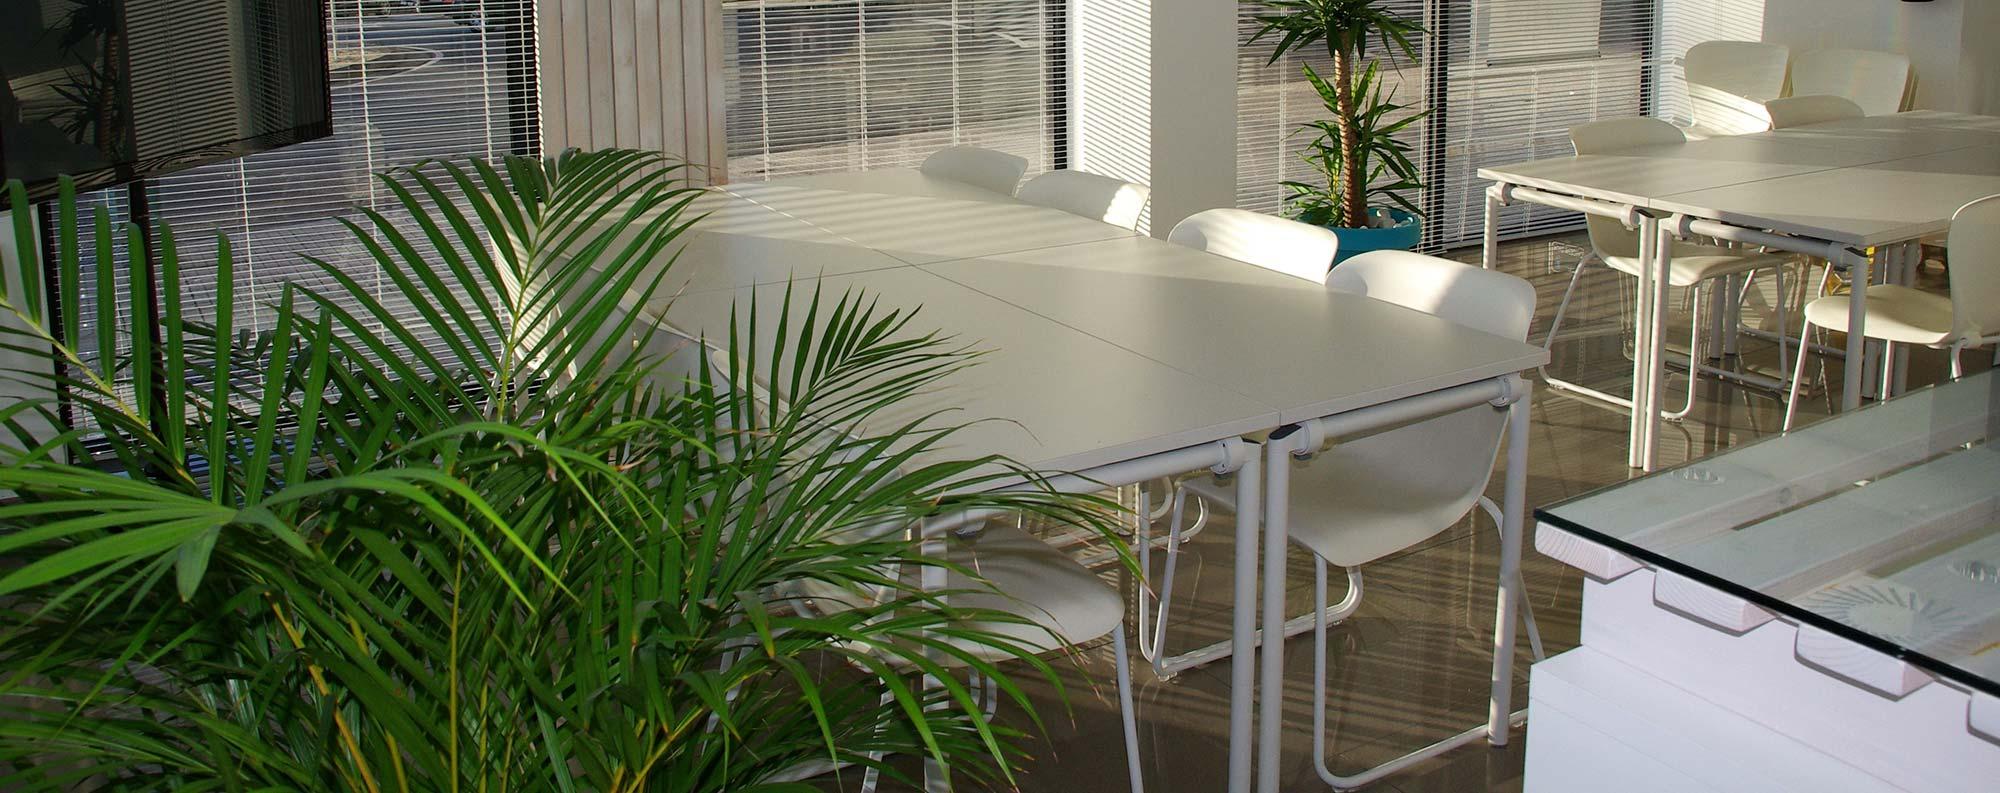 Bureaux ergonomiques et rangements - Handicap & TMS